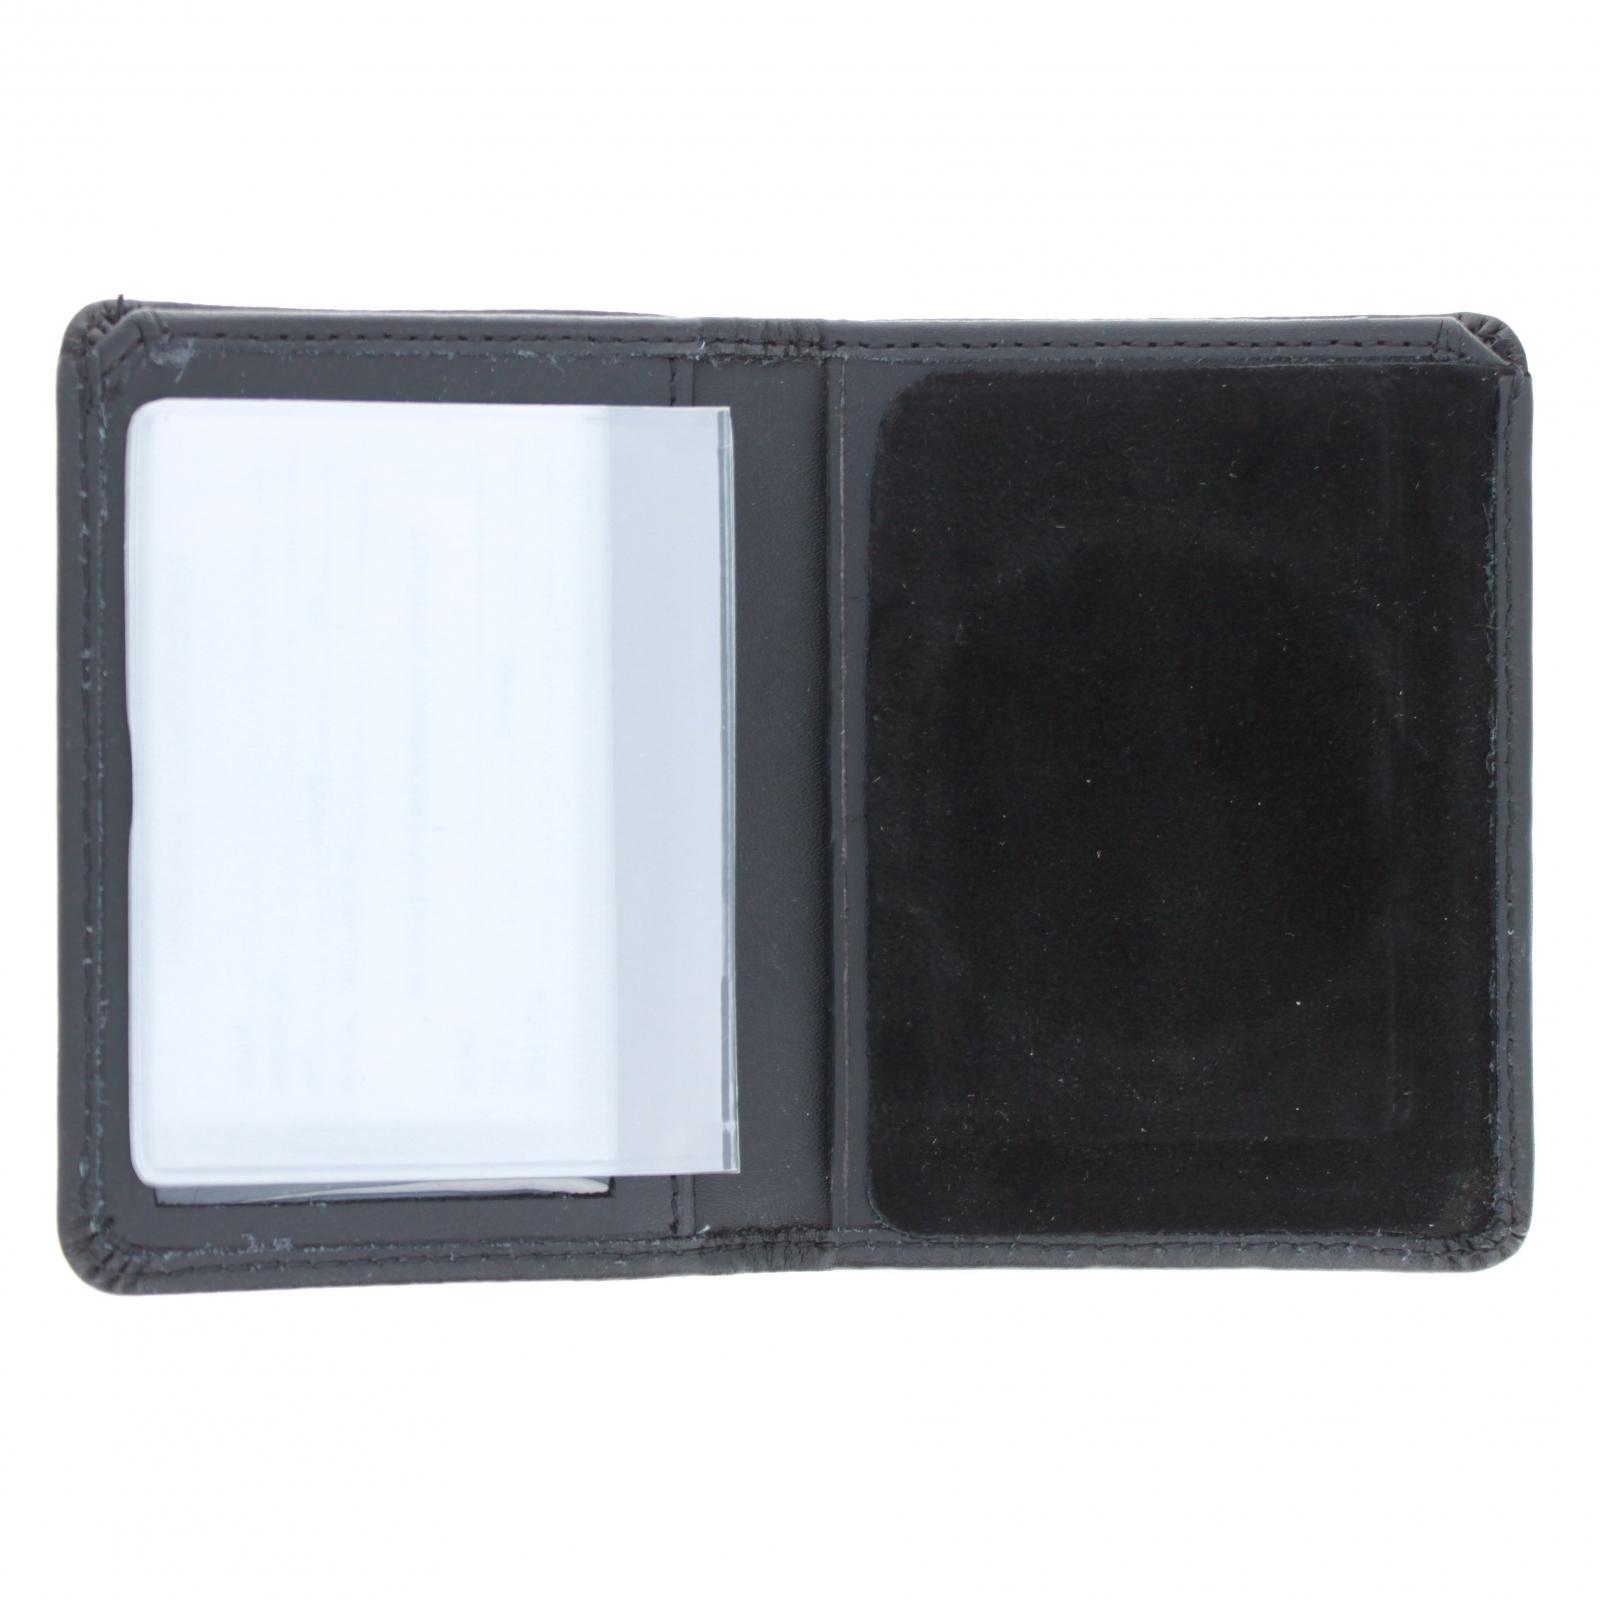 Law Enforcement Badge Wallet Bill Fold Round Shape